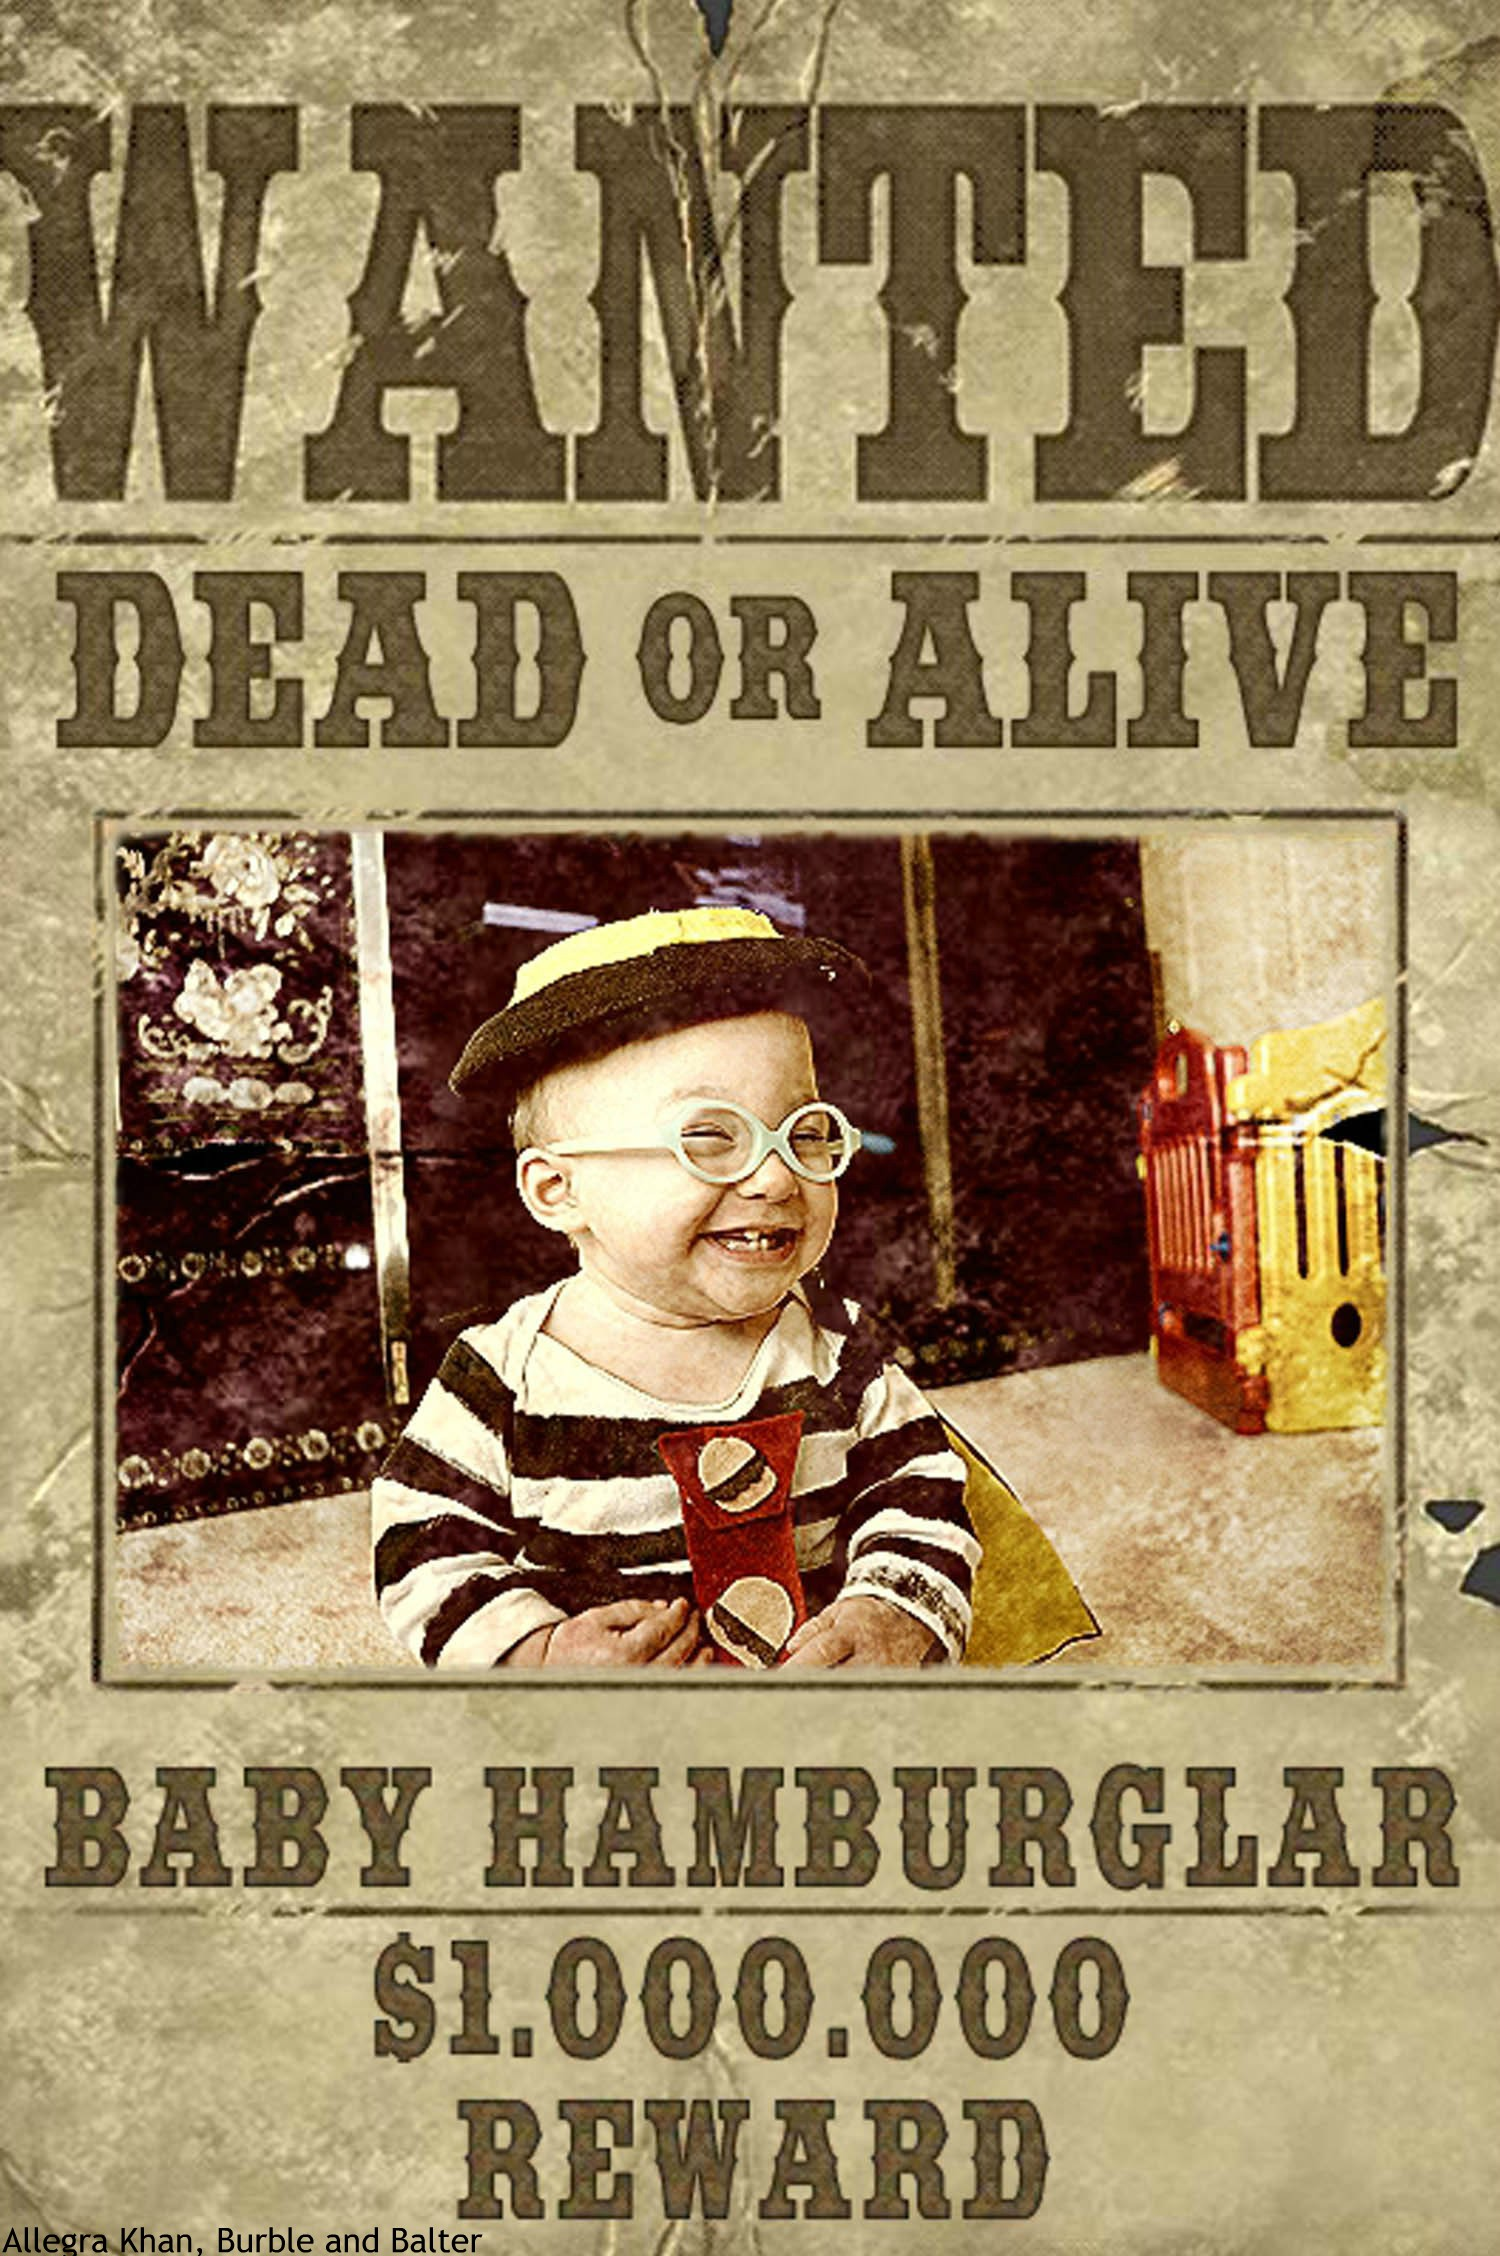 Baby Hamburglar ,Photo 5